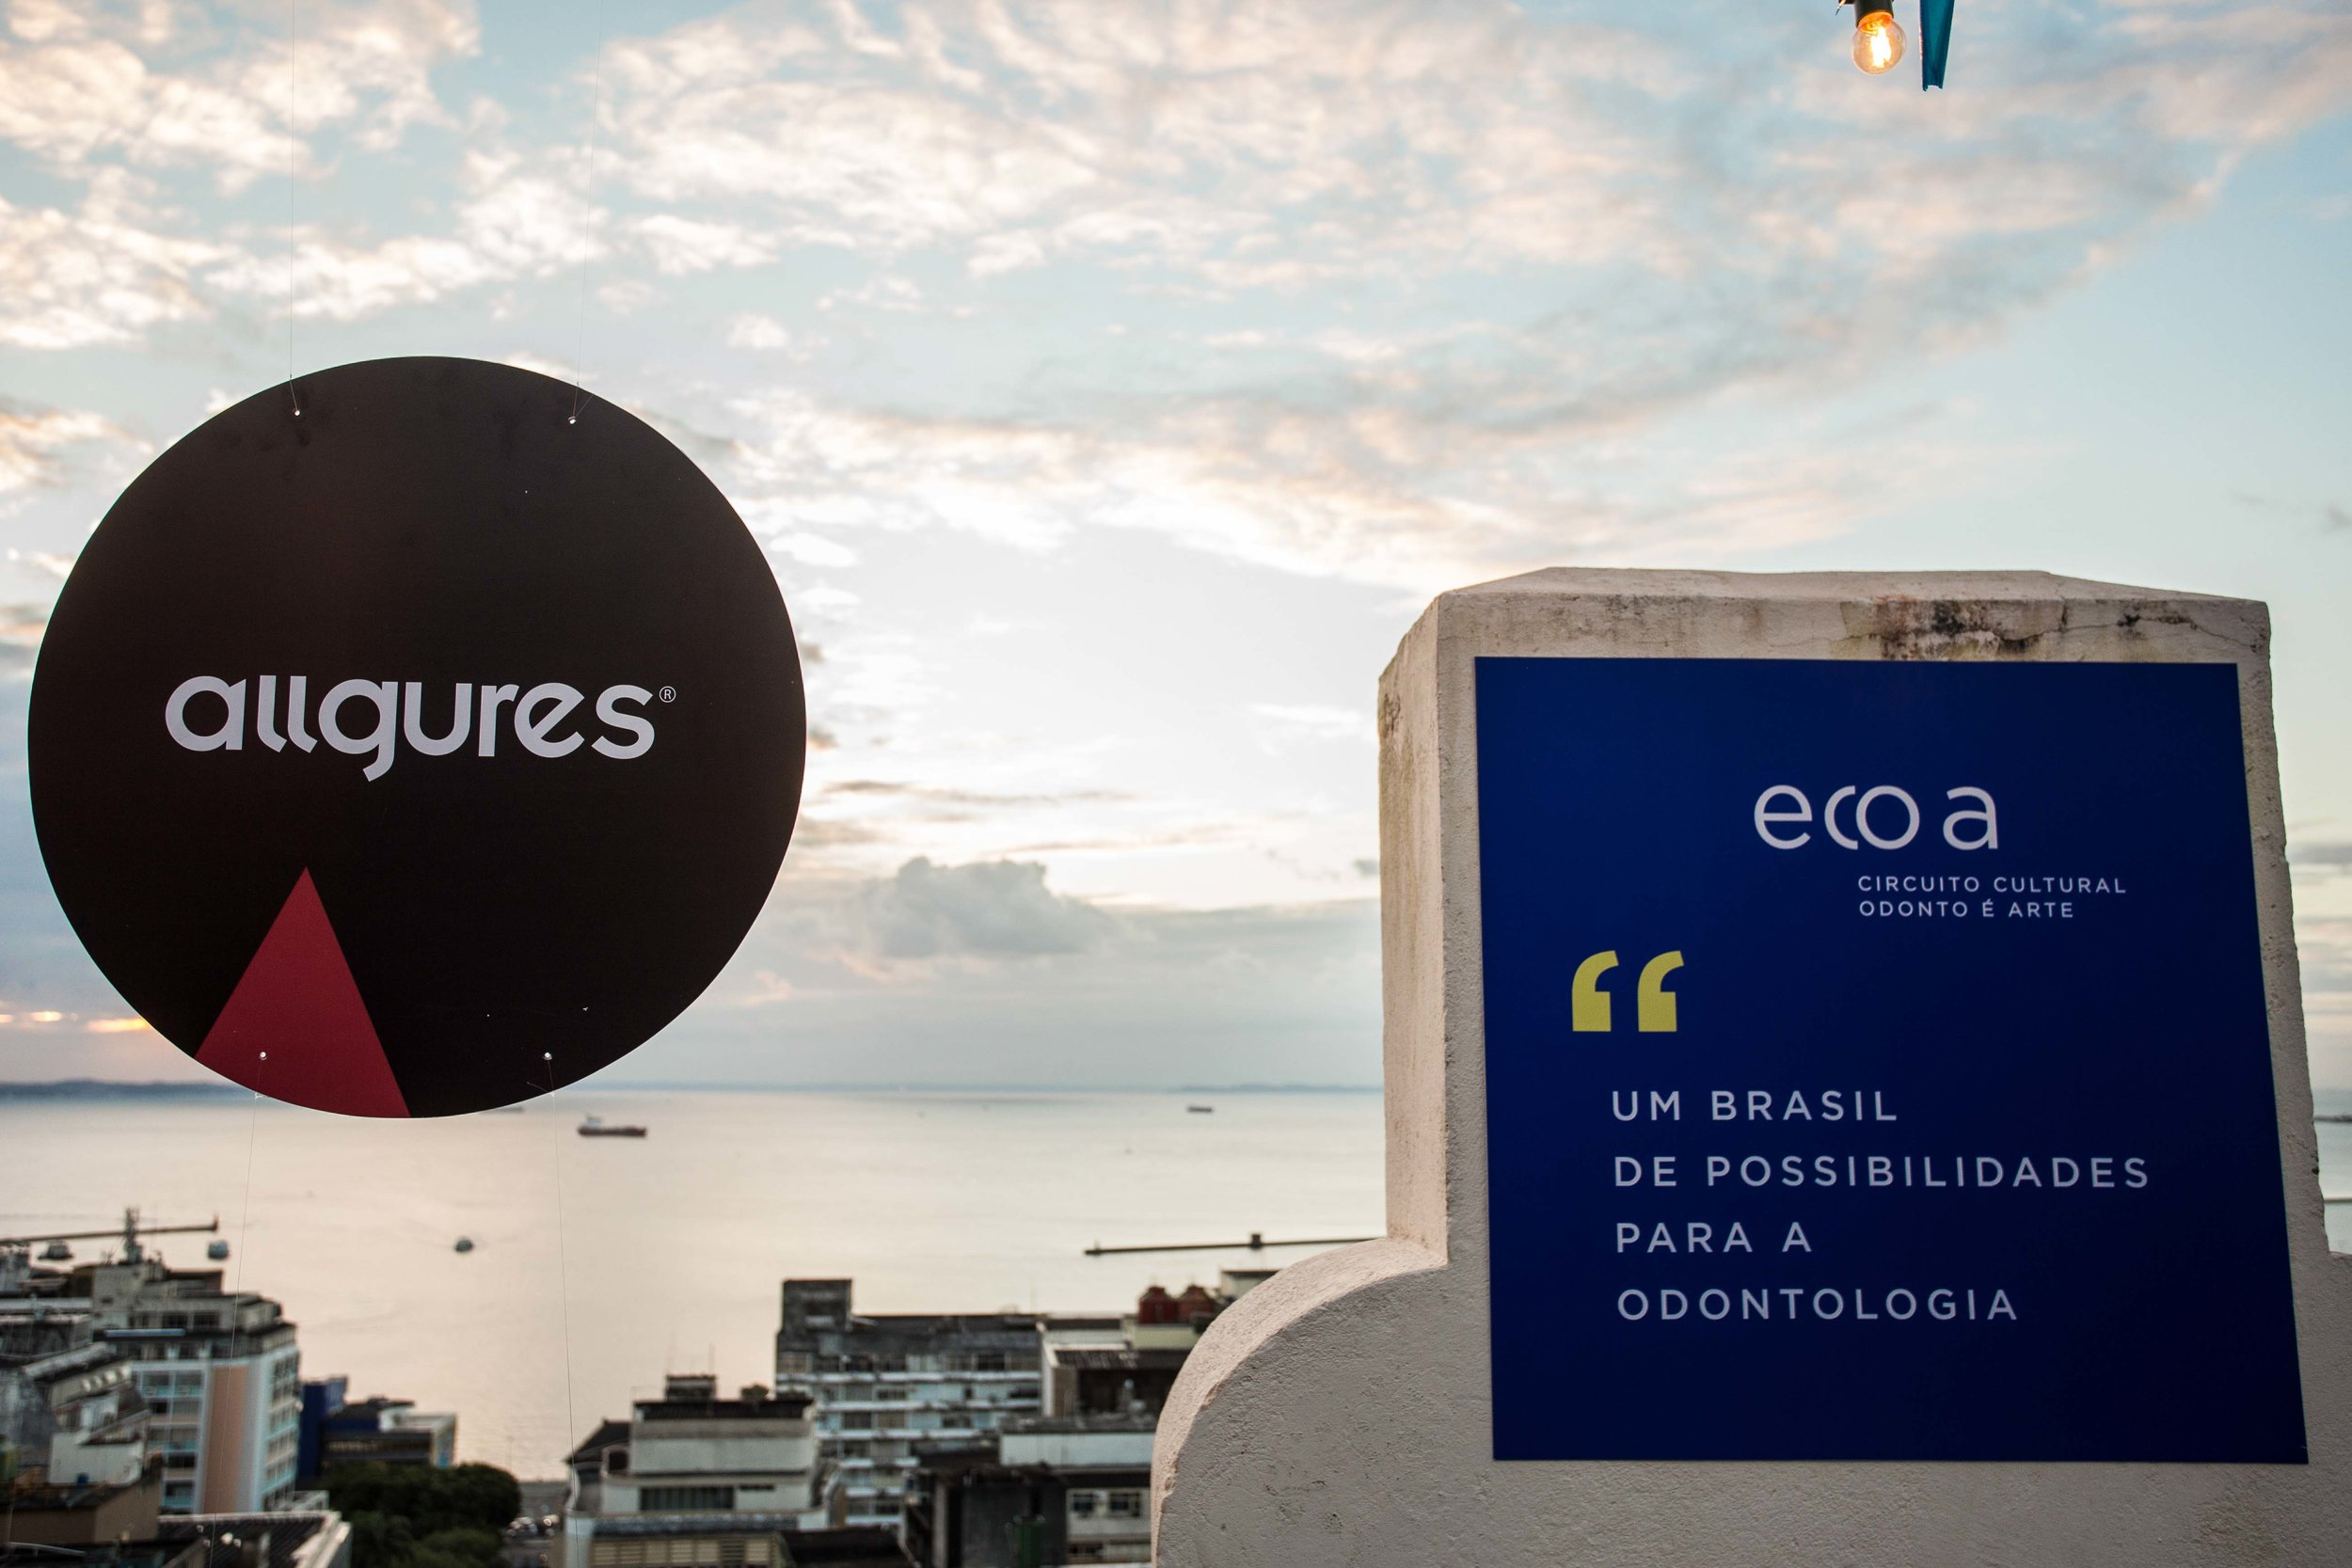 """móbile @allgures e tema do ecoa #1:""""Um Brasil de possibilidades para a odontologia"""""""